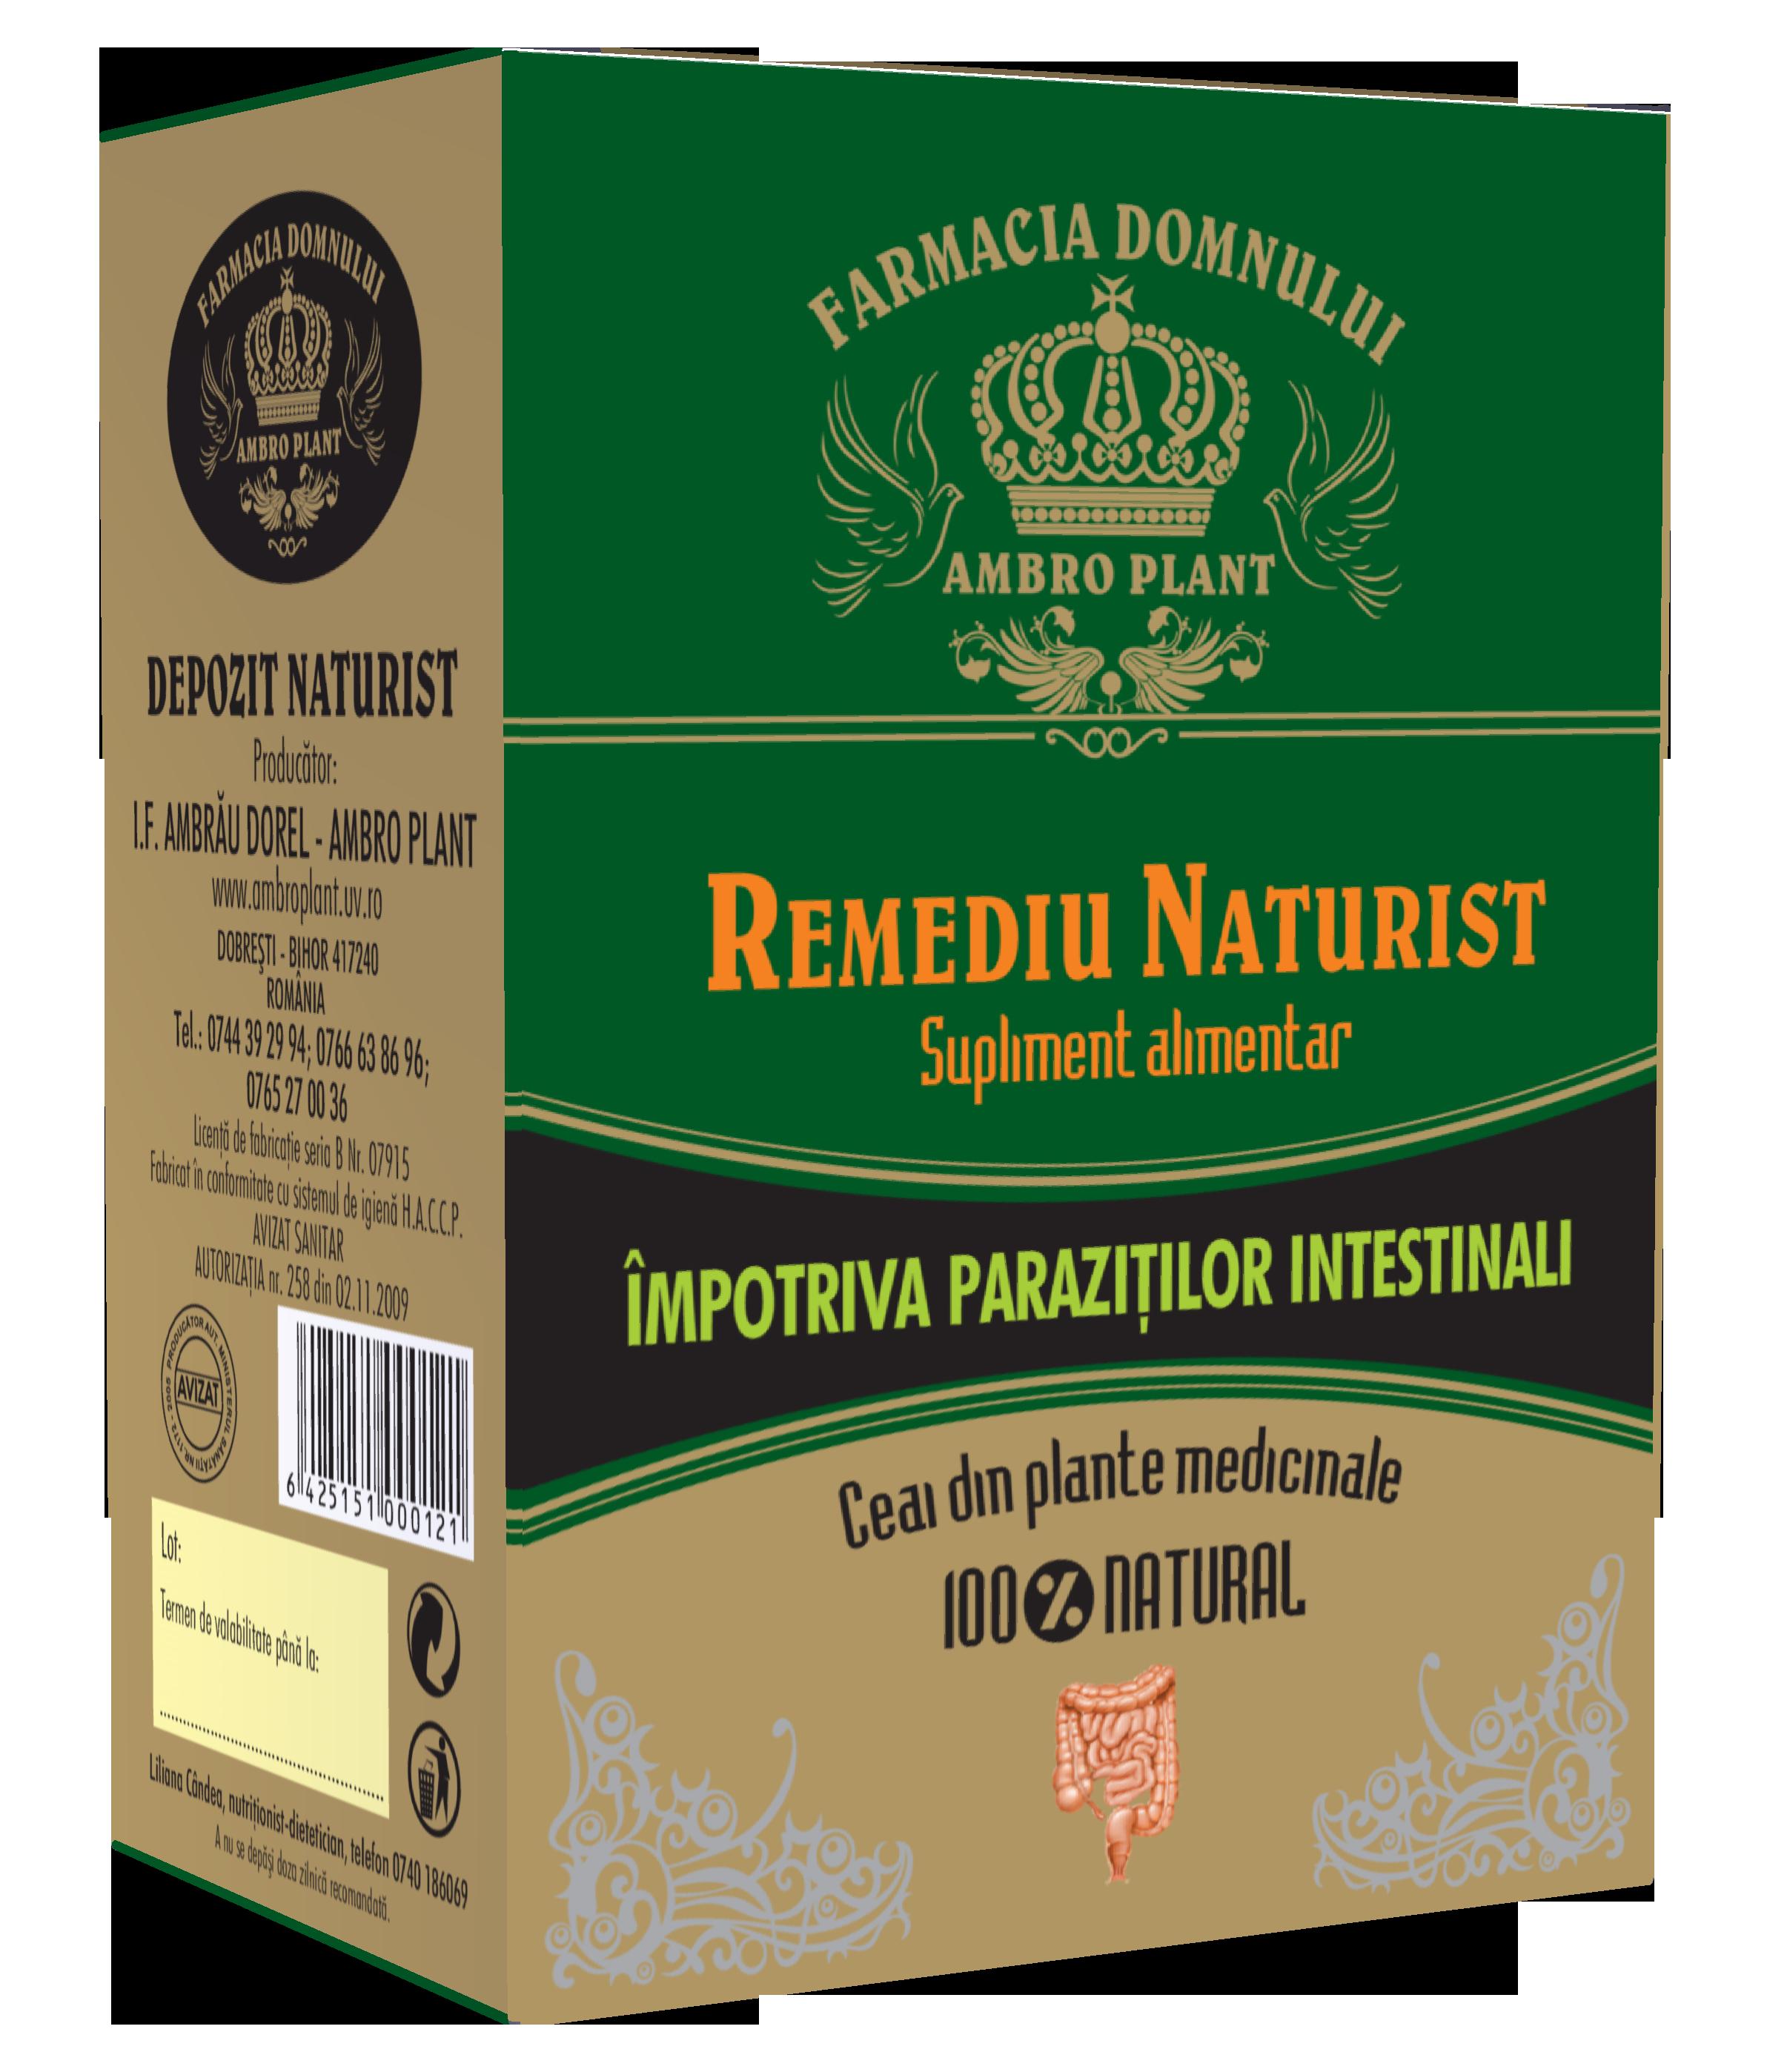 tratament contra parazitilor intestinali